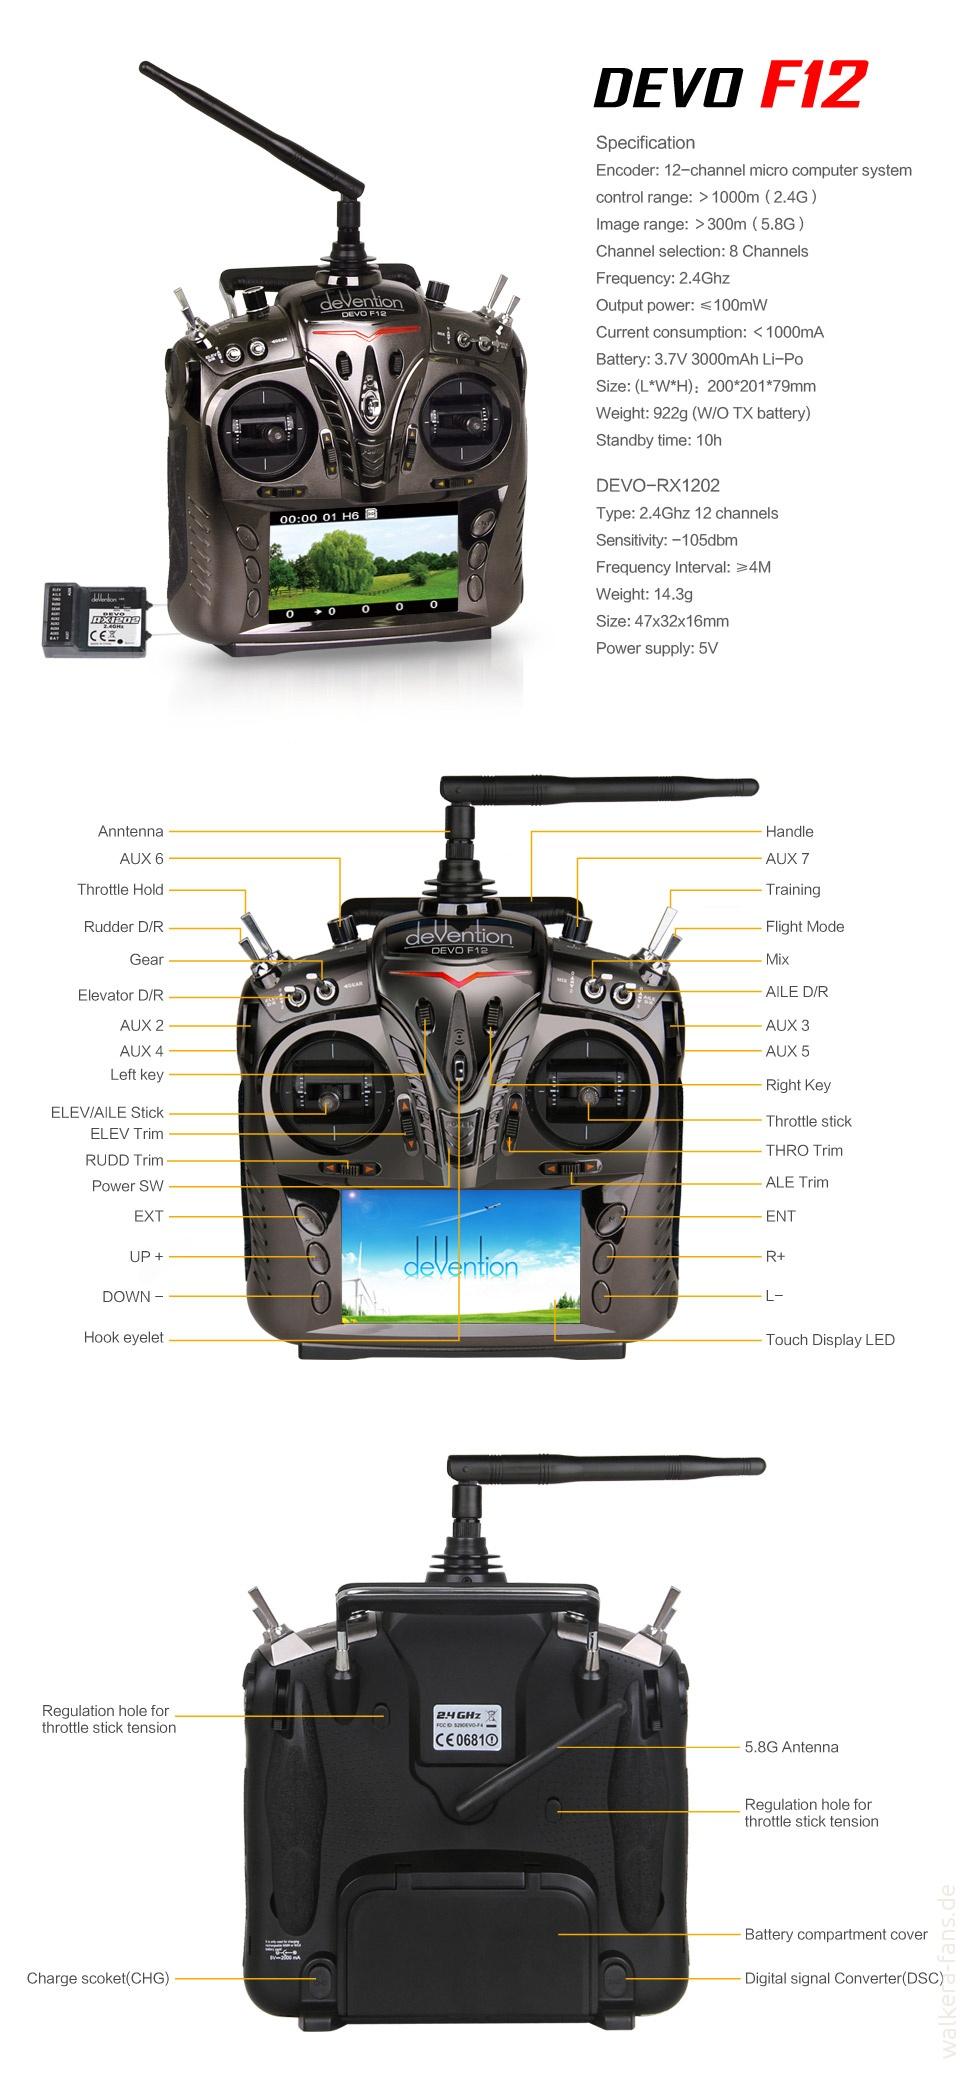 devo-f12-controls